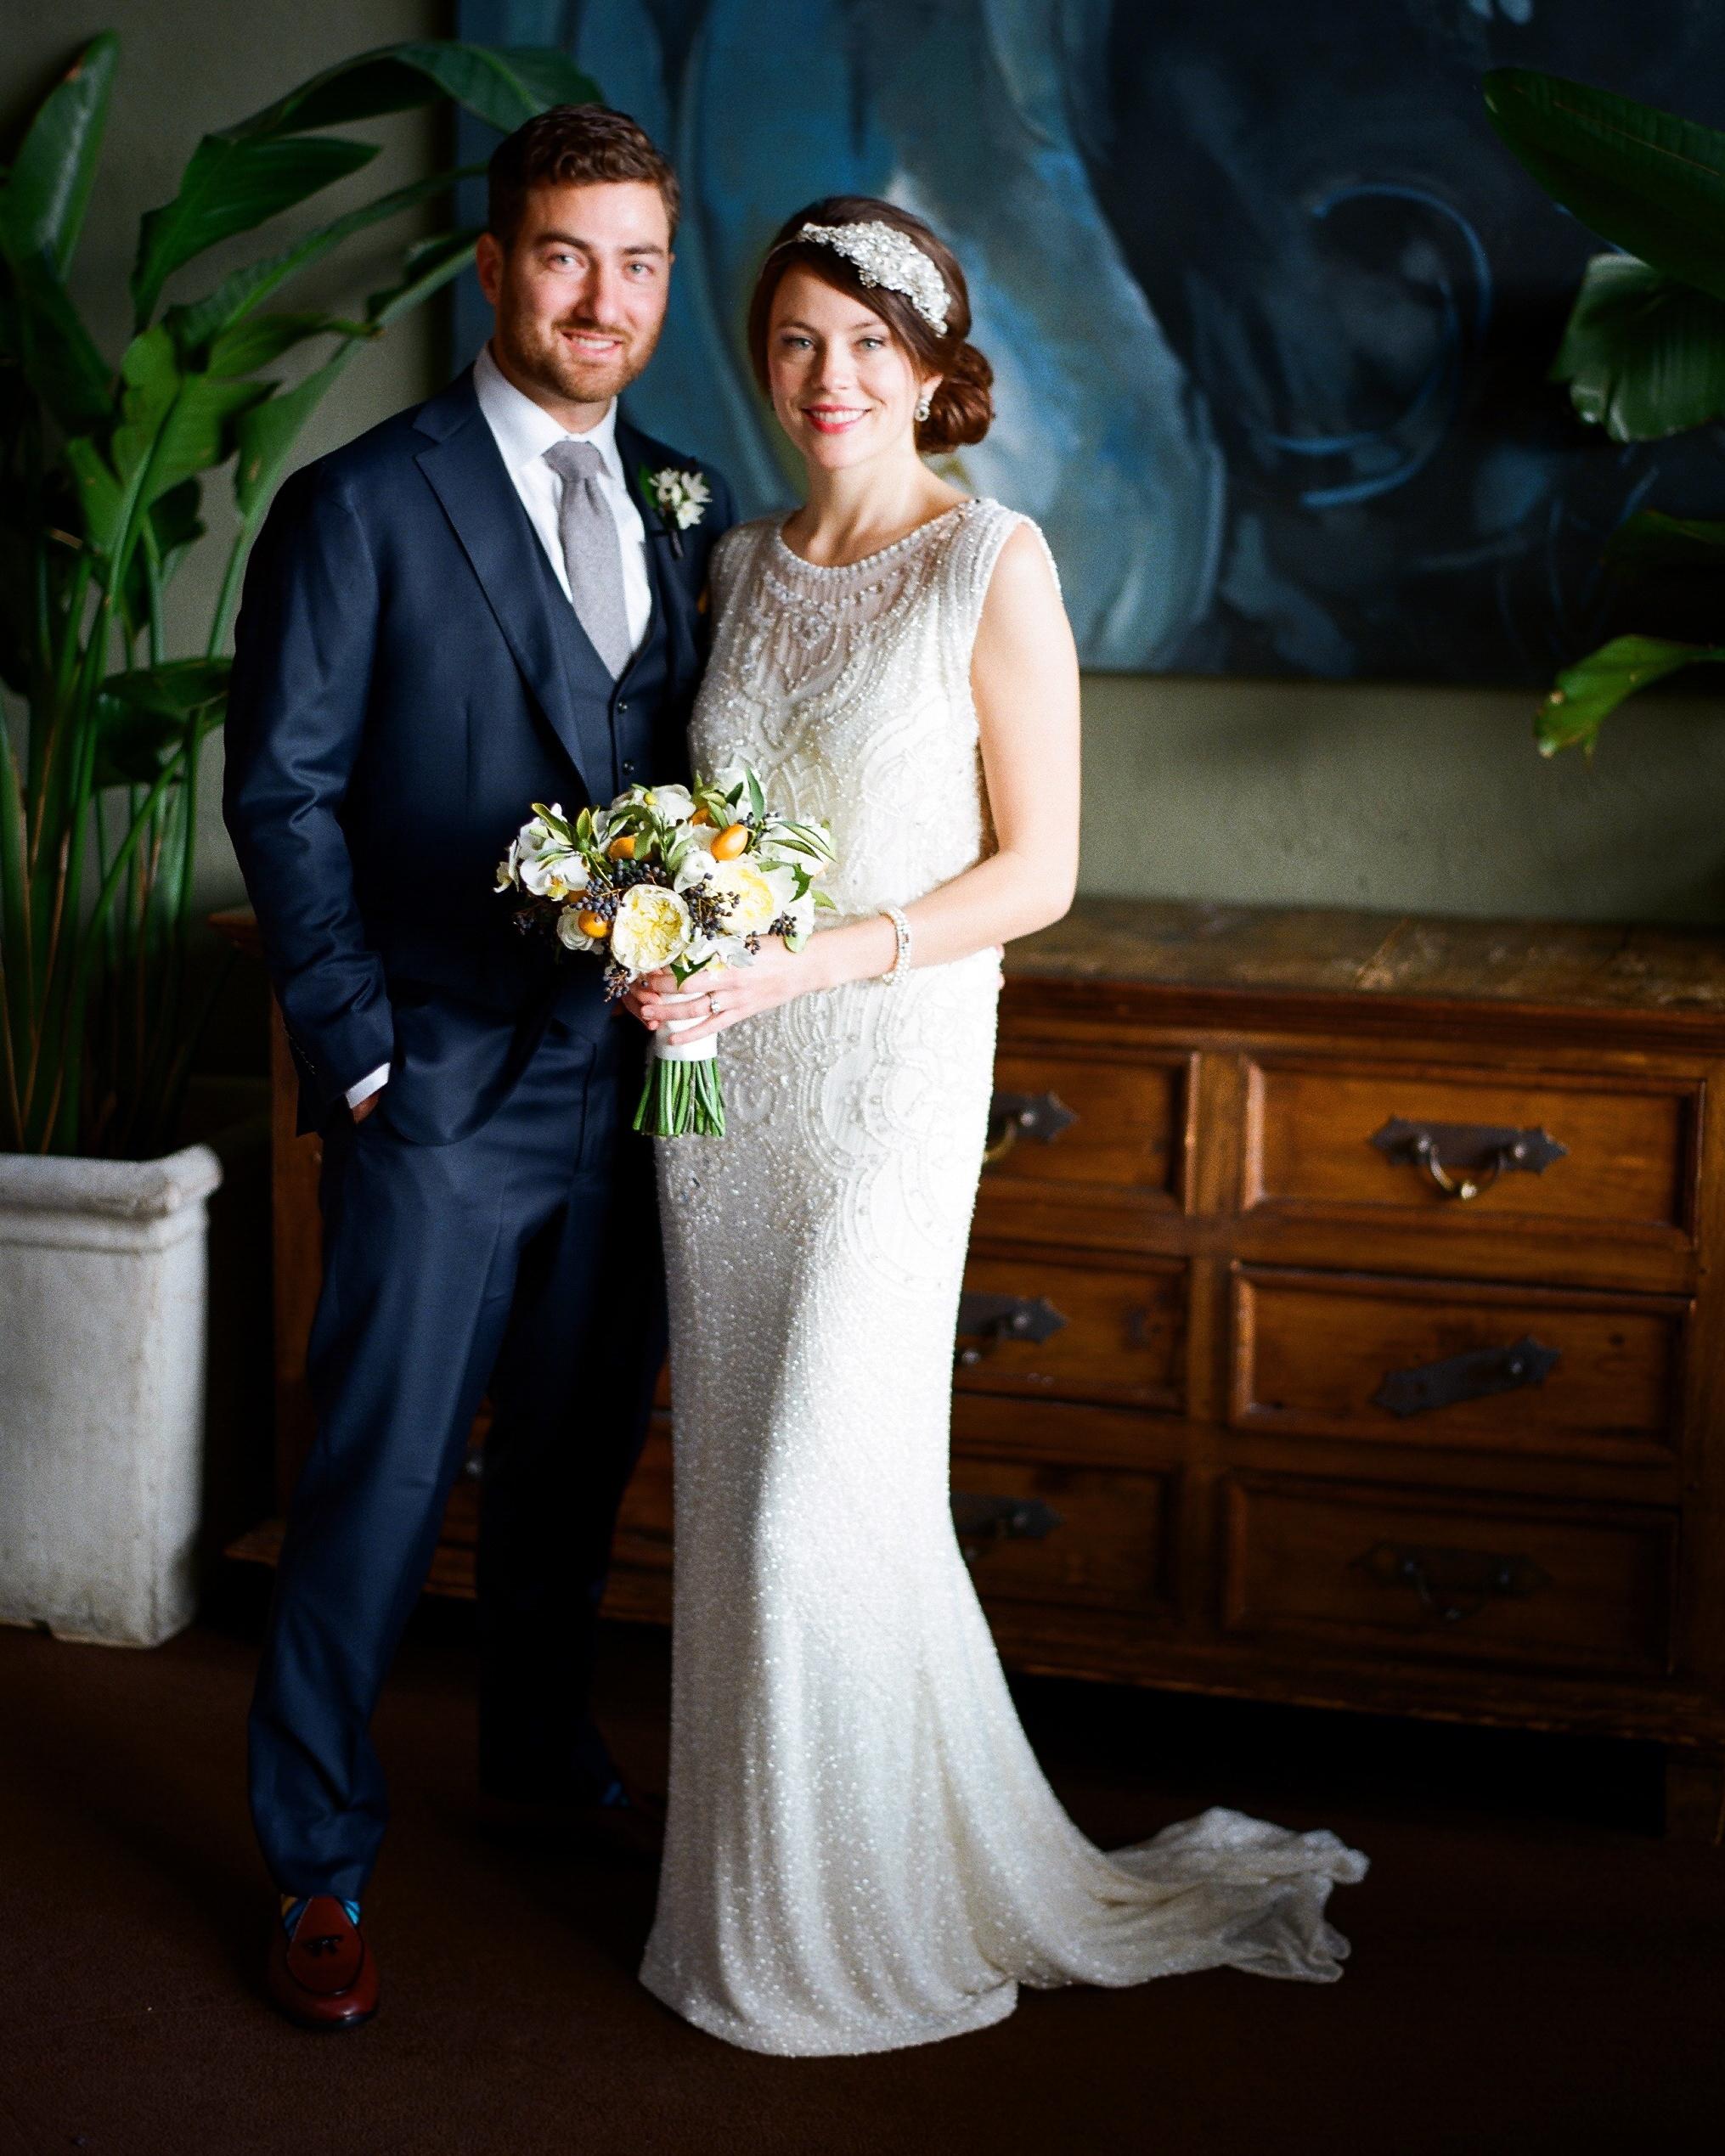 molly-sam-wedding-portrait1-0614.jpg